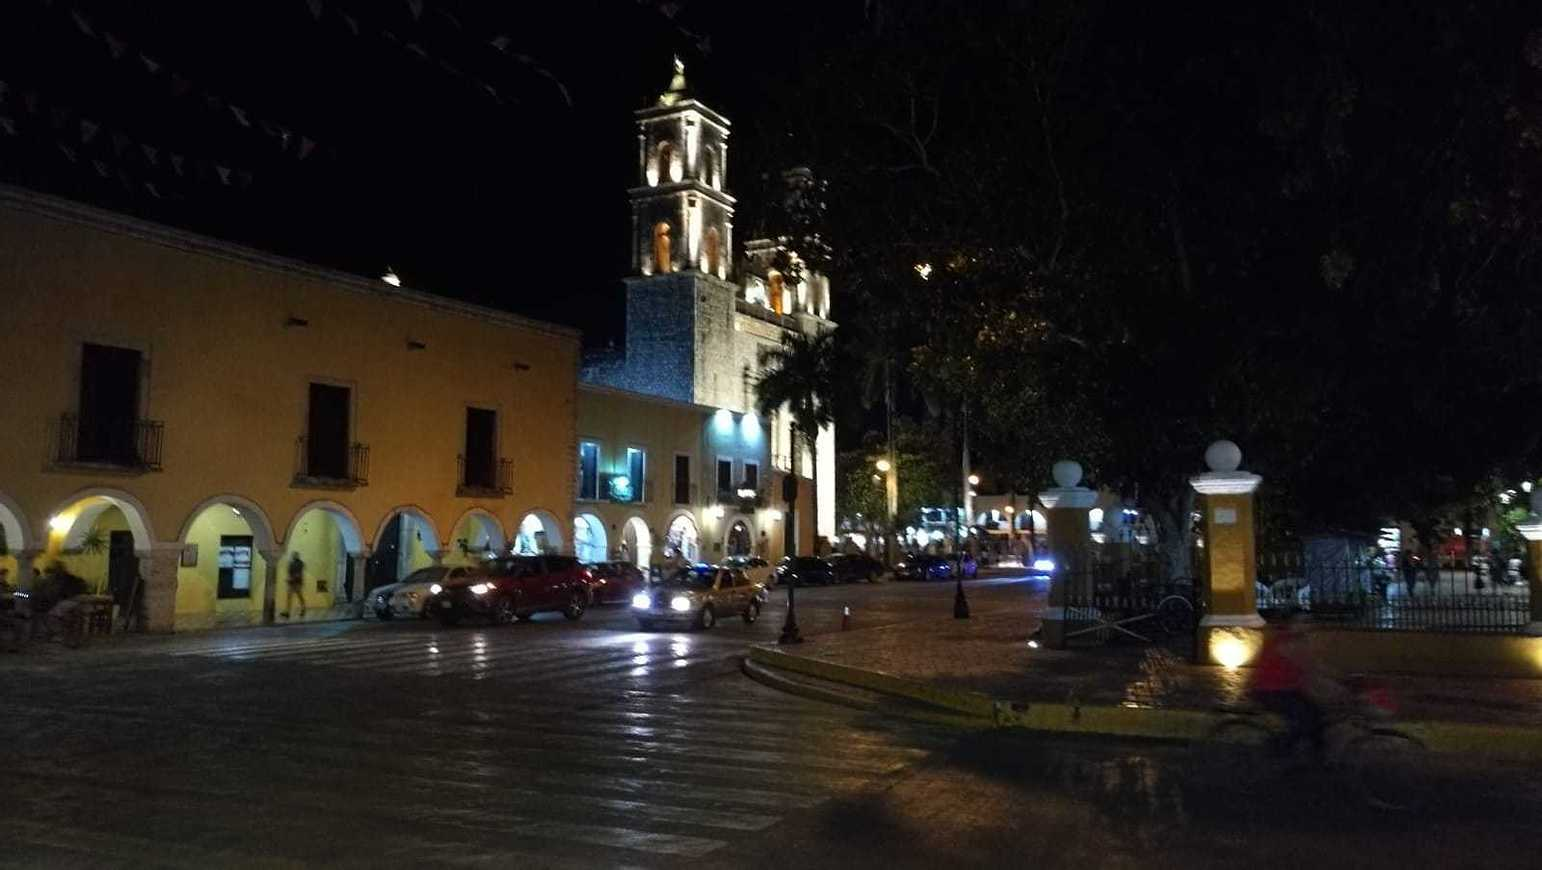 Noticias del viaje en México qcnr1585